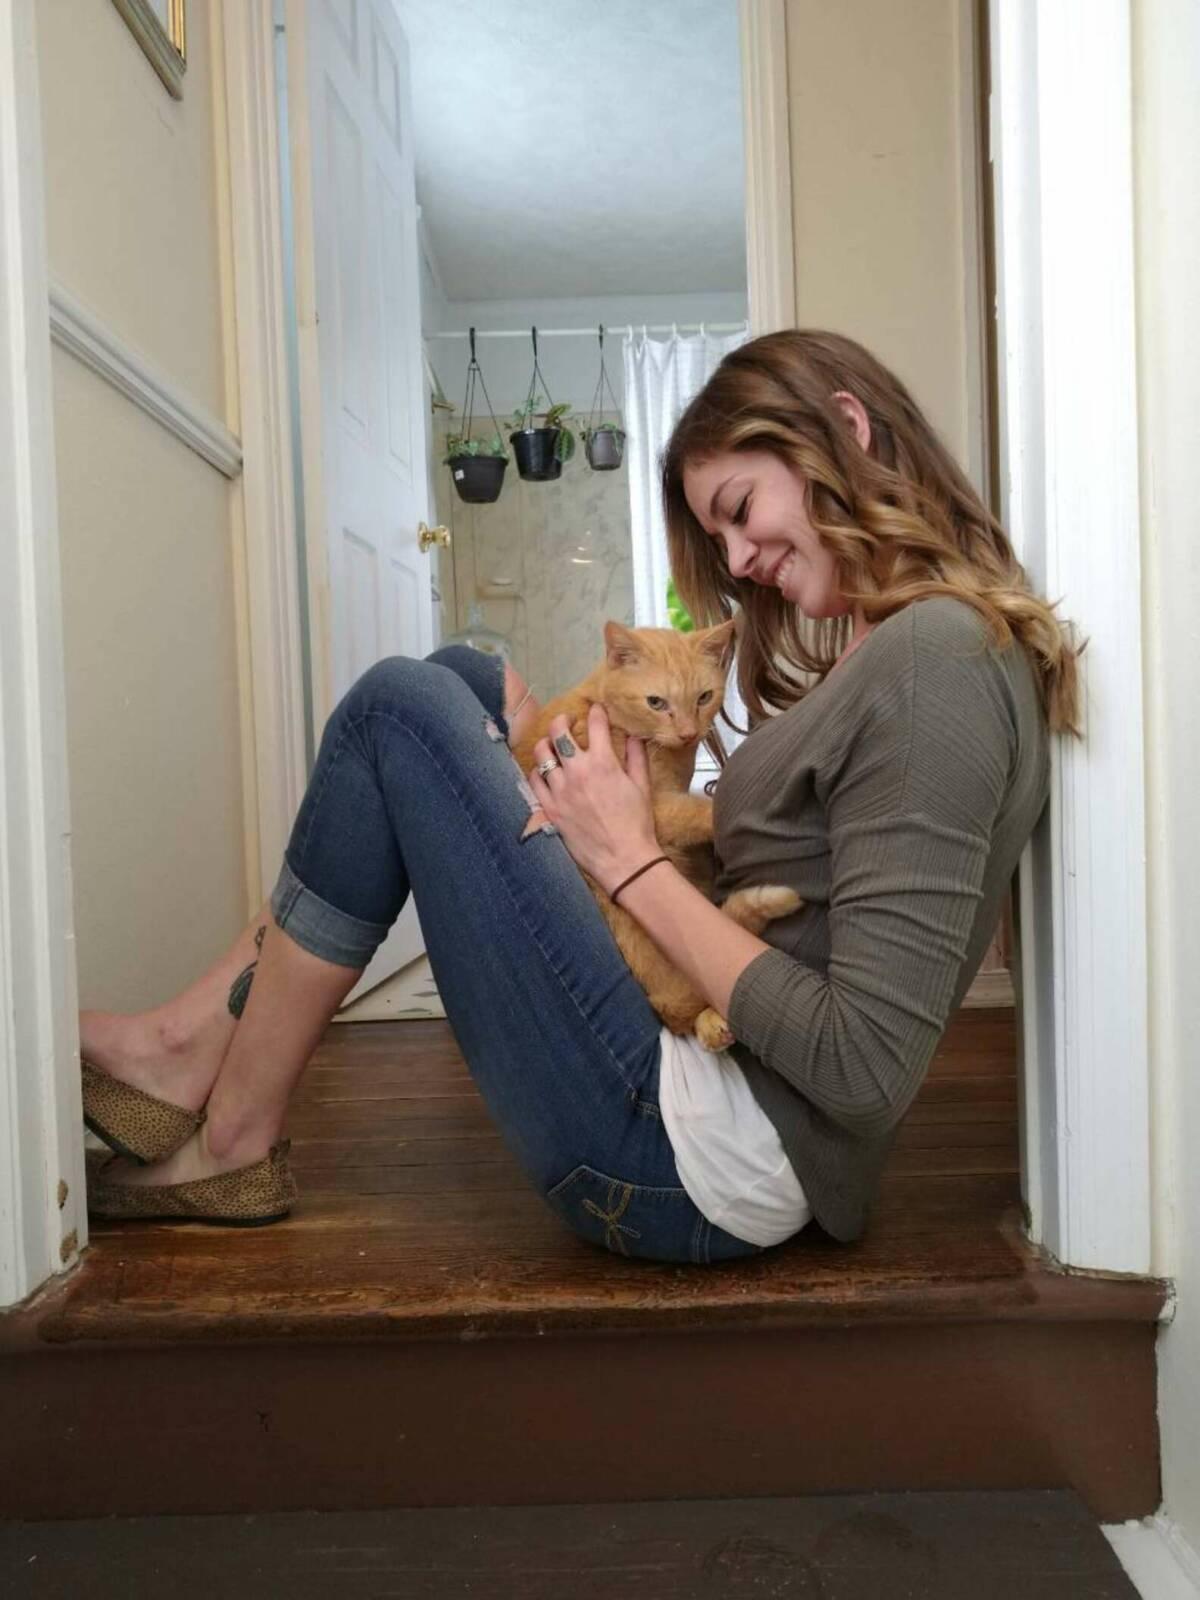 Po 536 dniach poza domem, zaginiony kot wskakuje w ramiona swojej ukochanej mamy